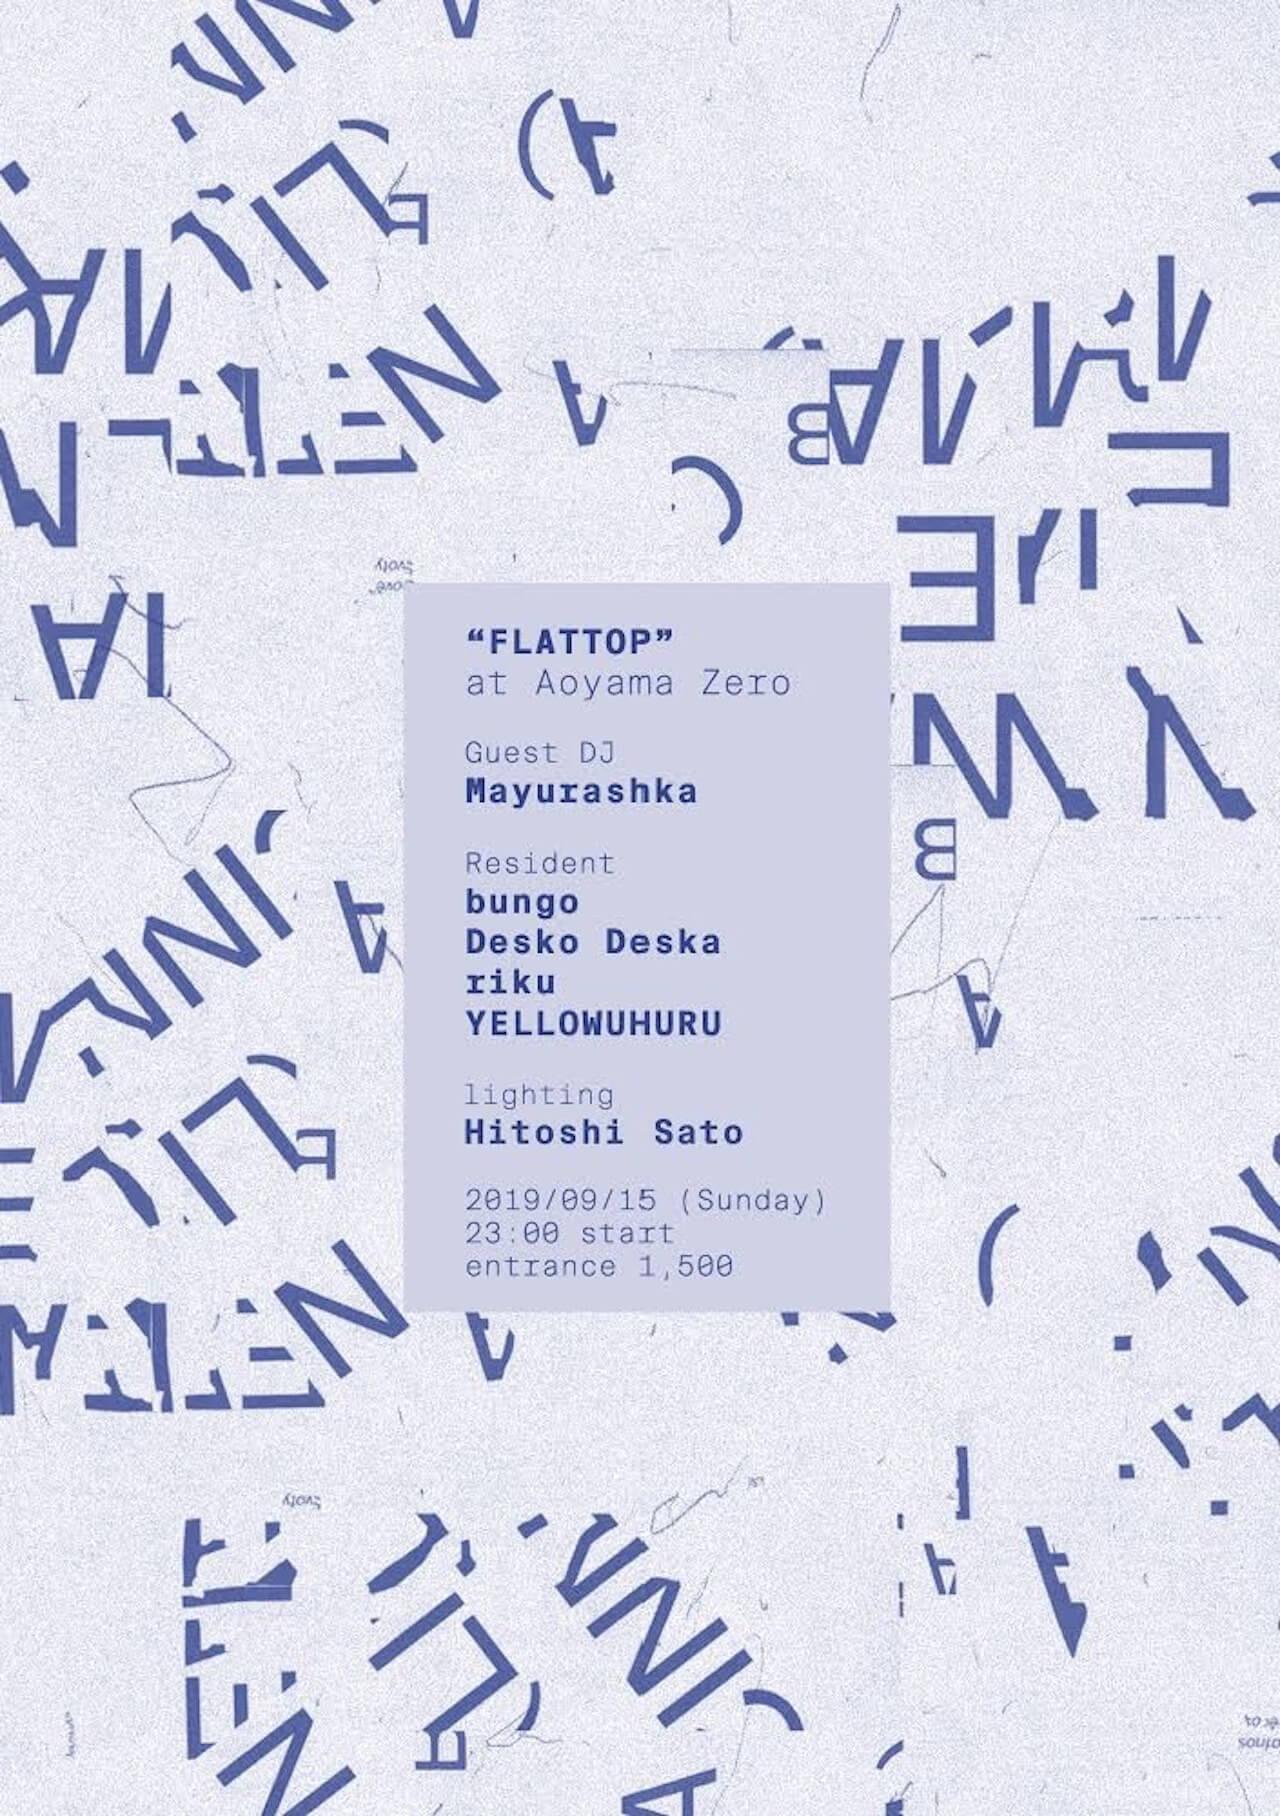 青山Zeroで開催される<FLATTOP>にMAYURASHKAが登場 music190915-falttop-2